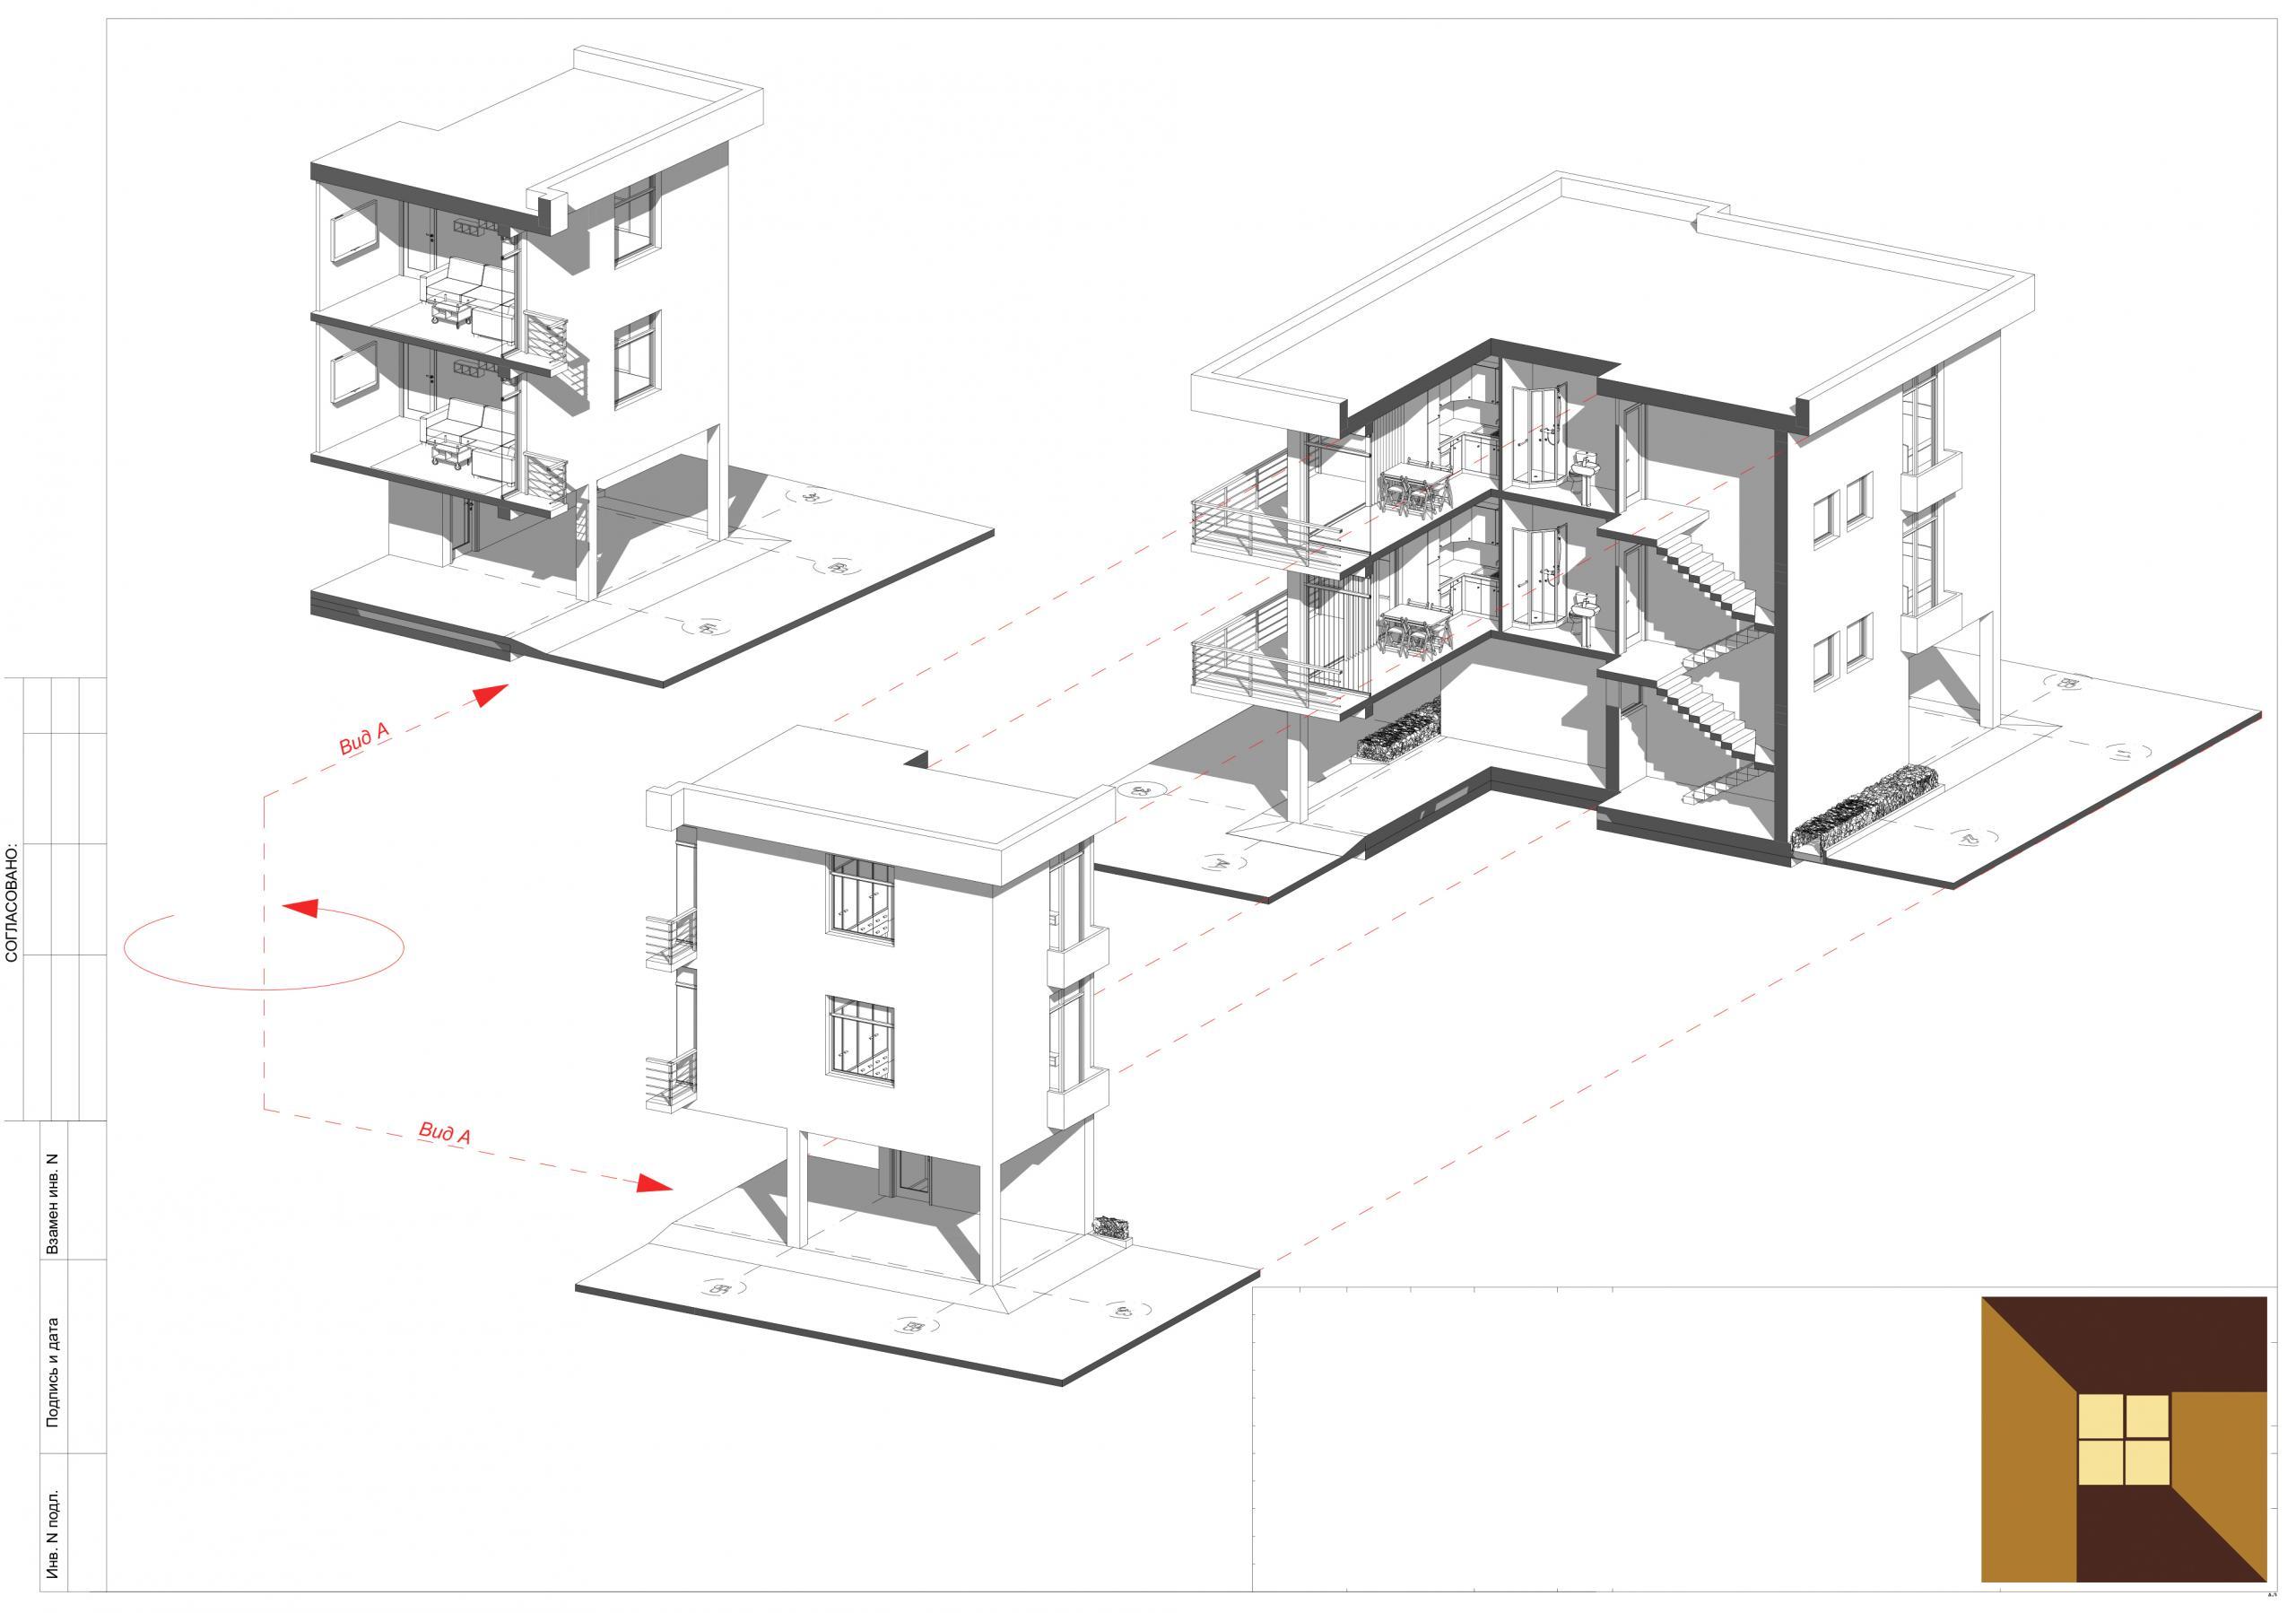 3D модель гостиницы. 3 д модель гостиницы.